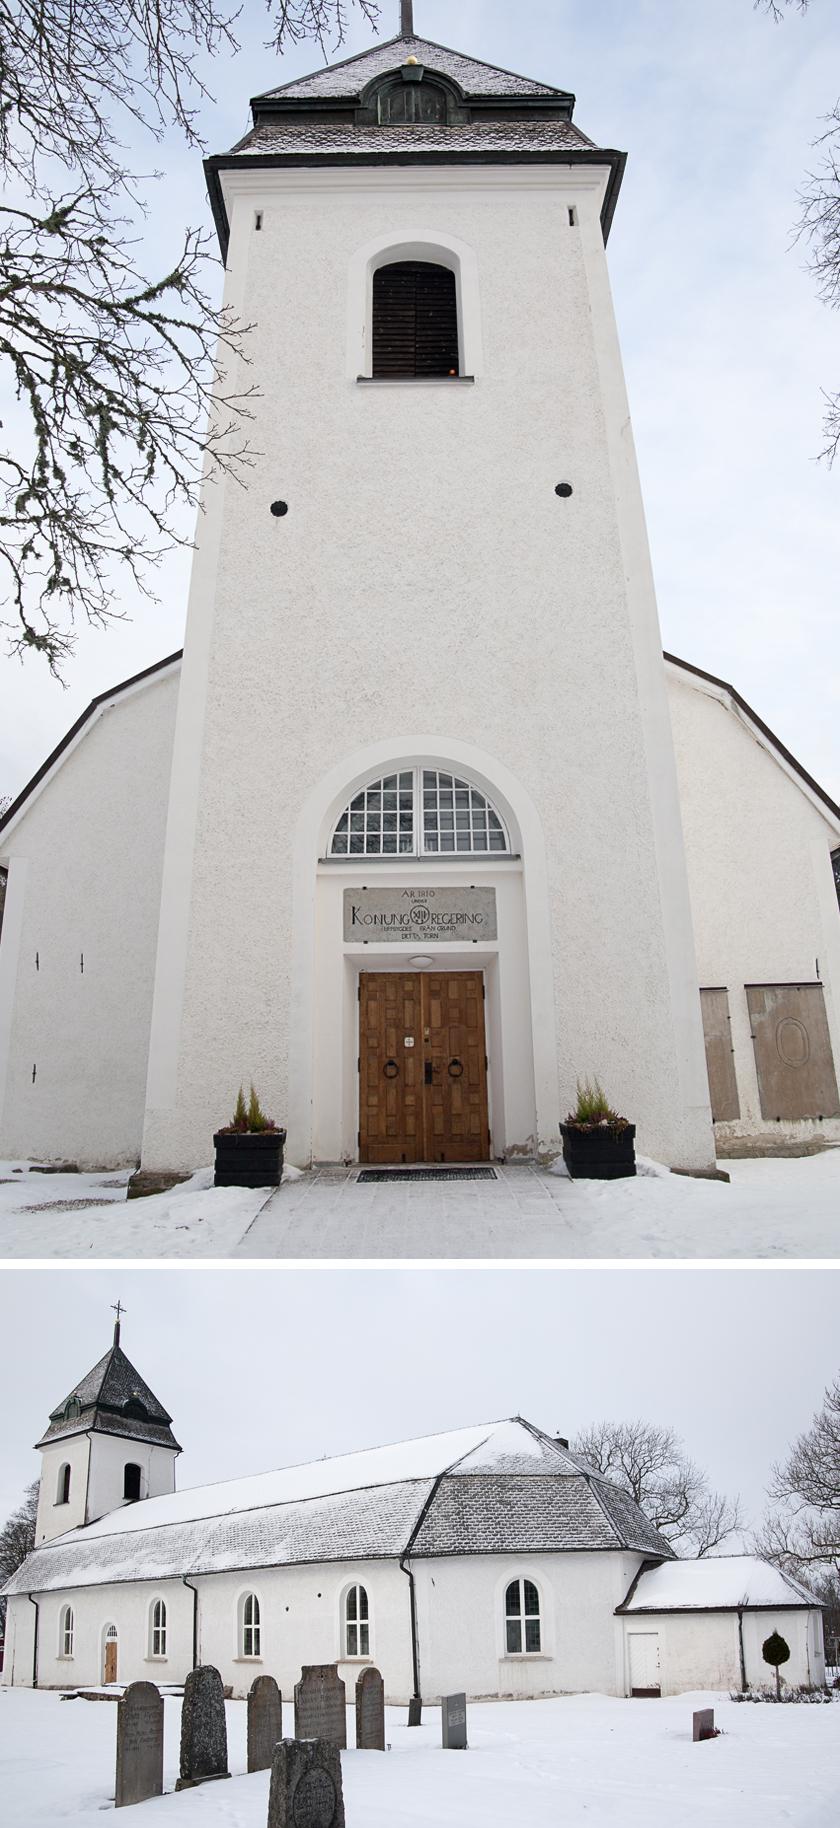 vastra_tunhems_kyrka